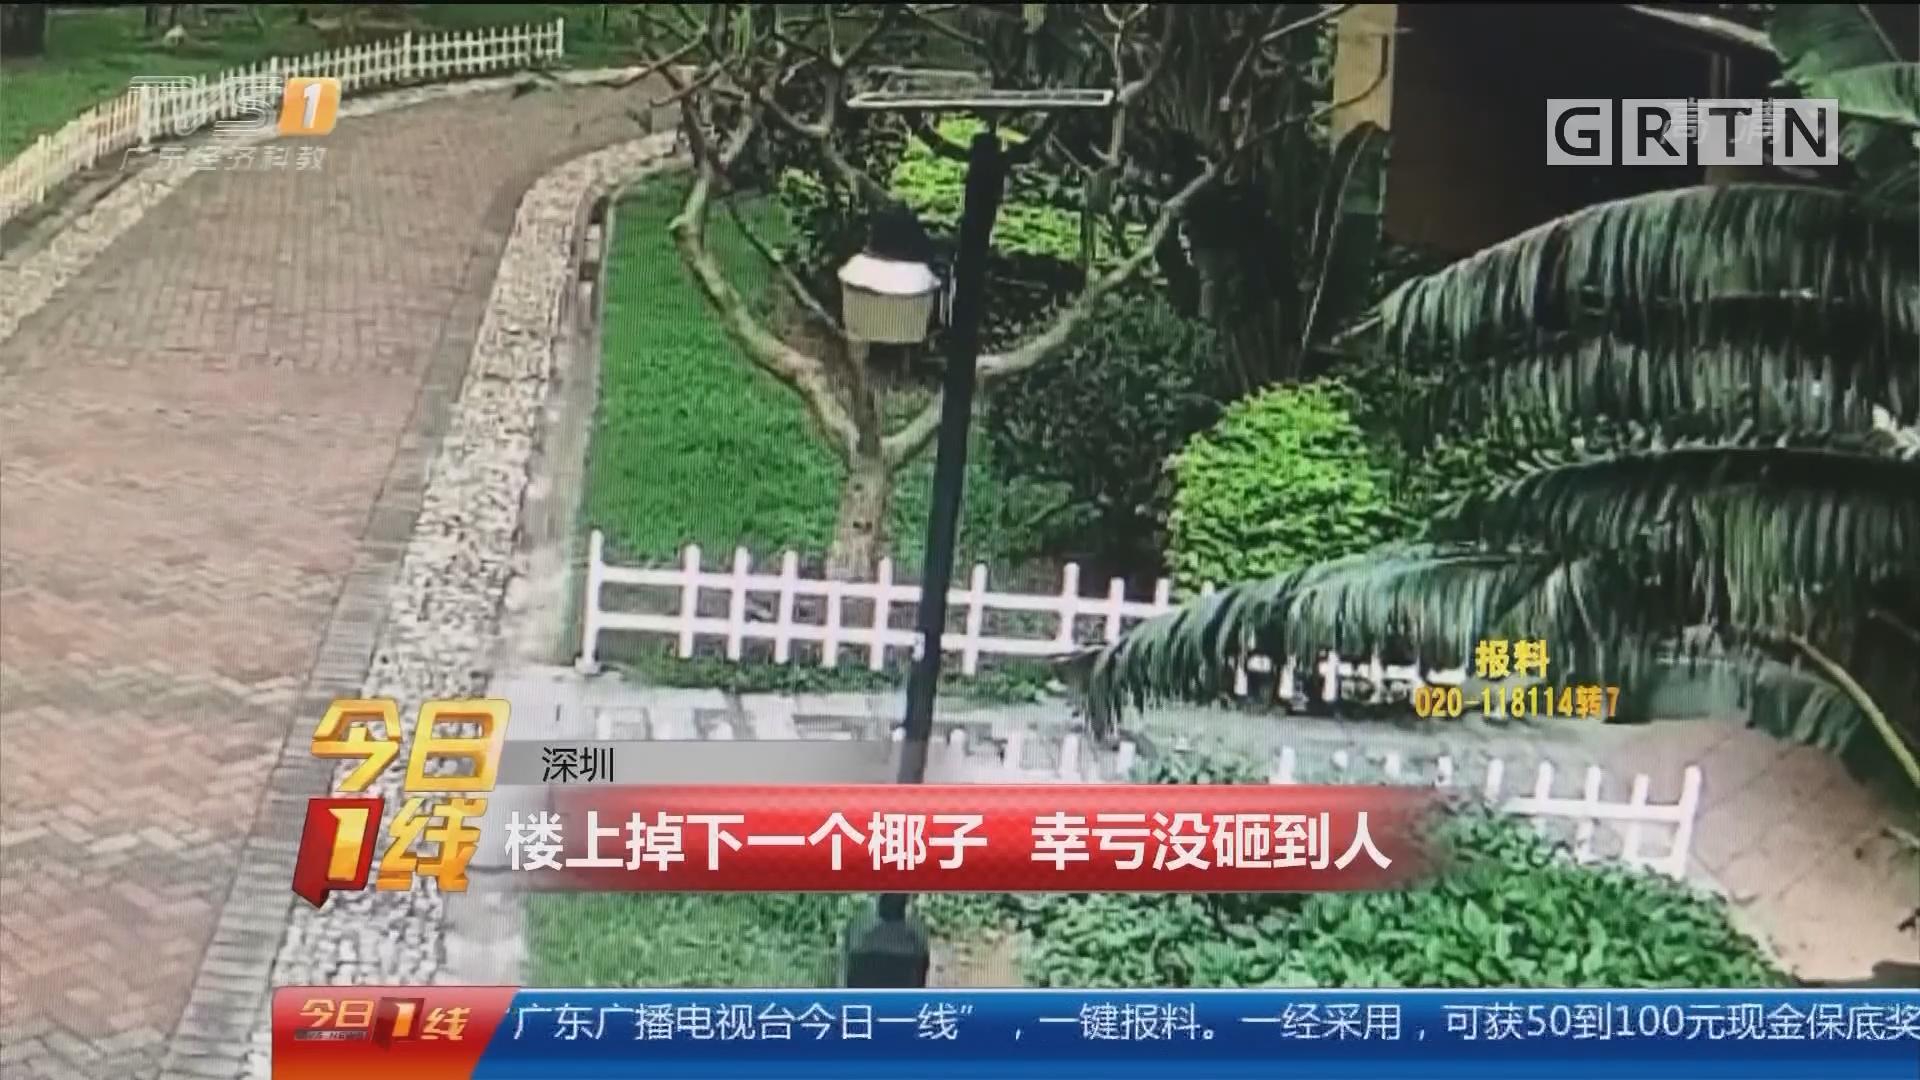 深圳:楼上掉下一个椰子 幸亏没砸到人